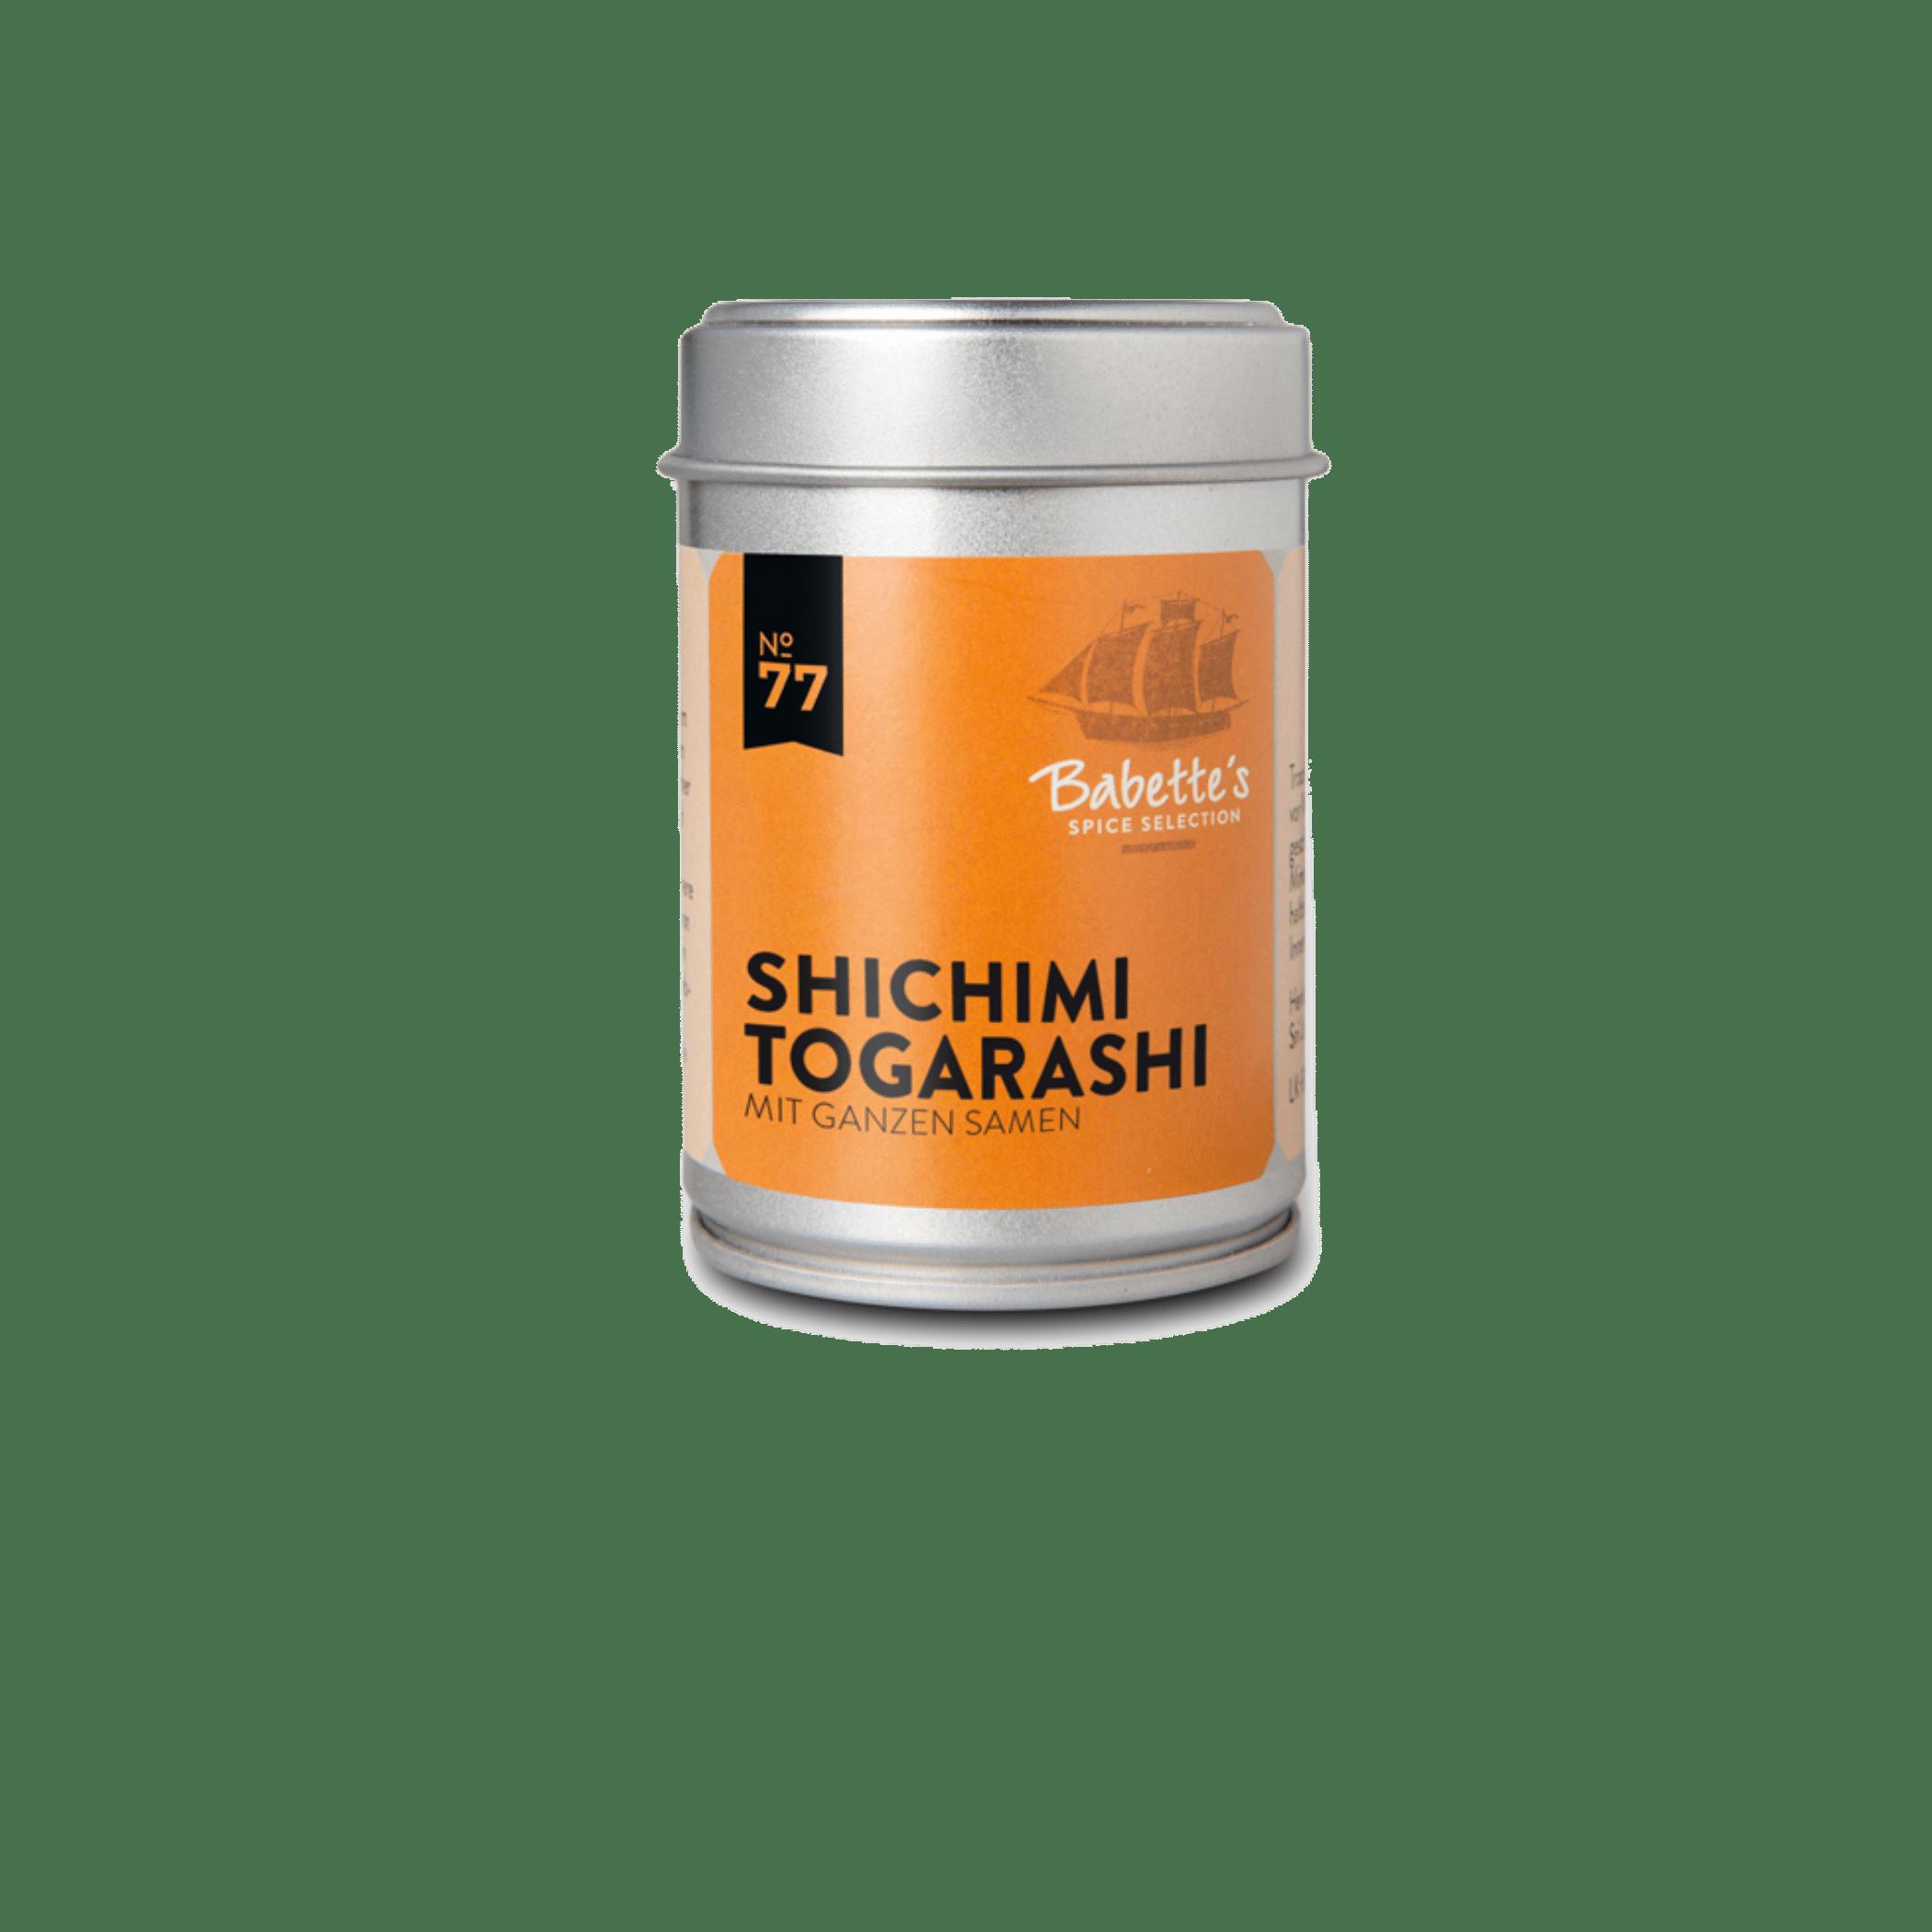 Shichimi Togarashi Gewürz Feinkost